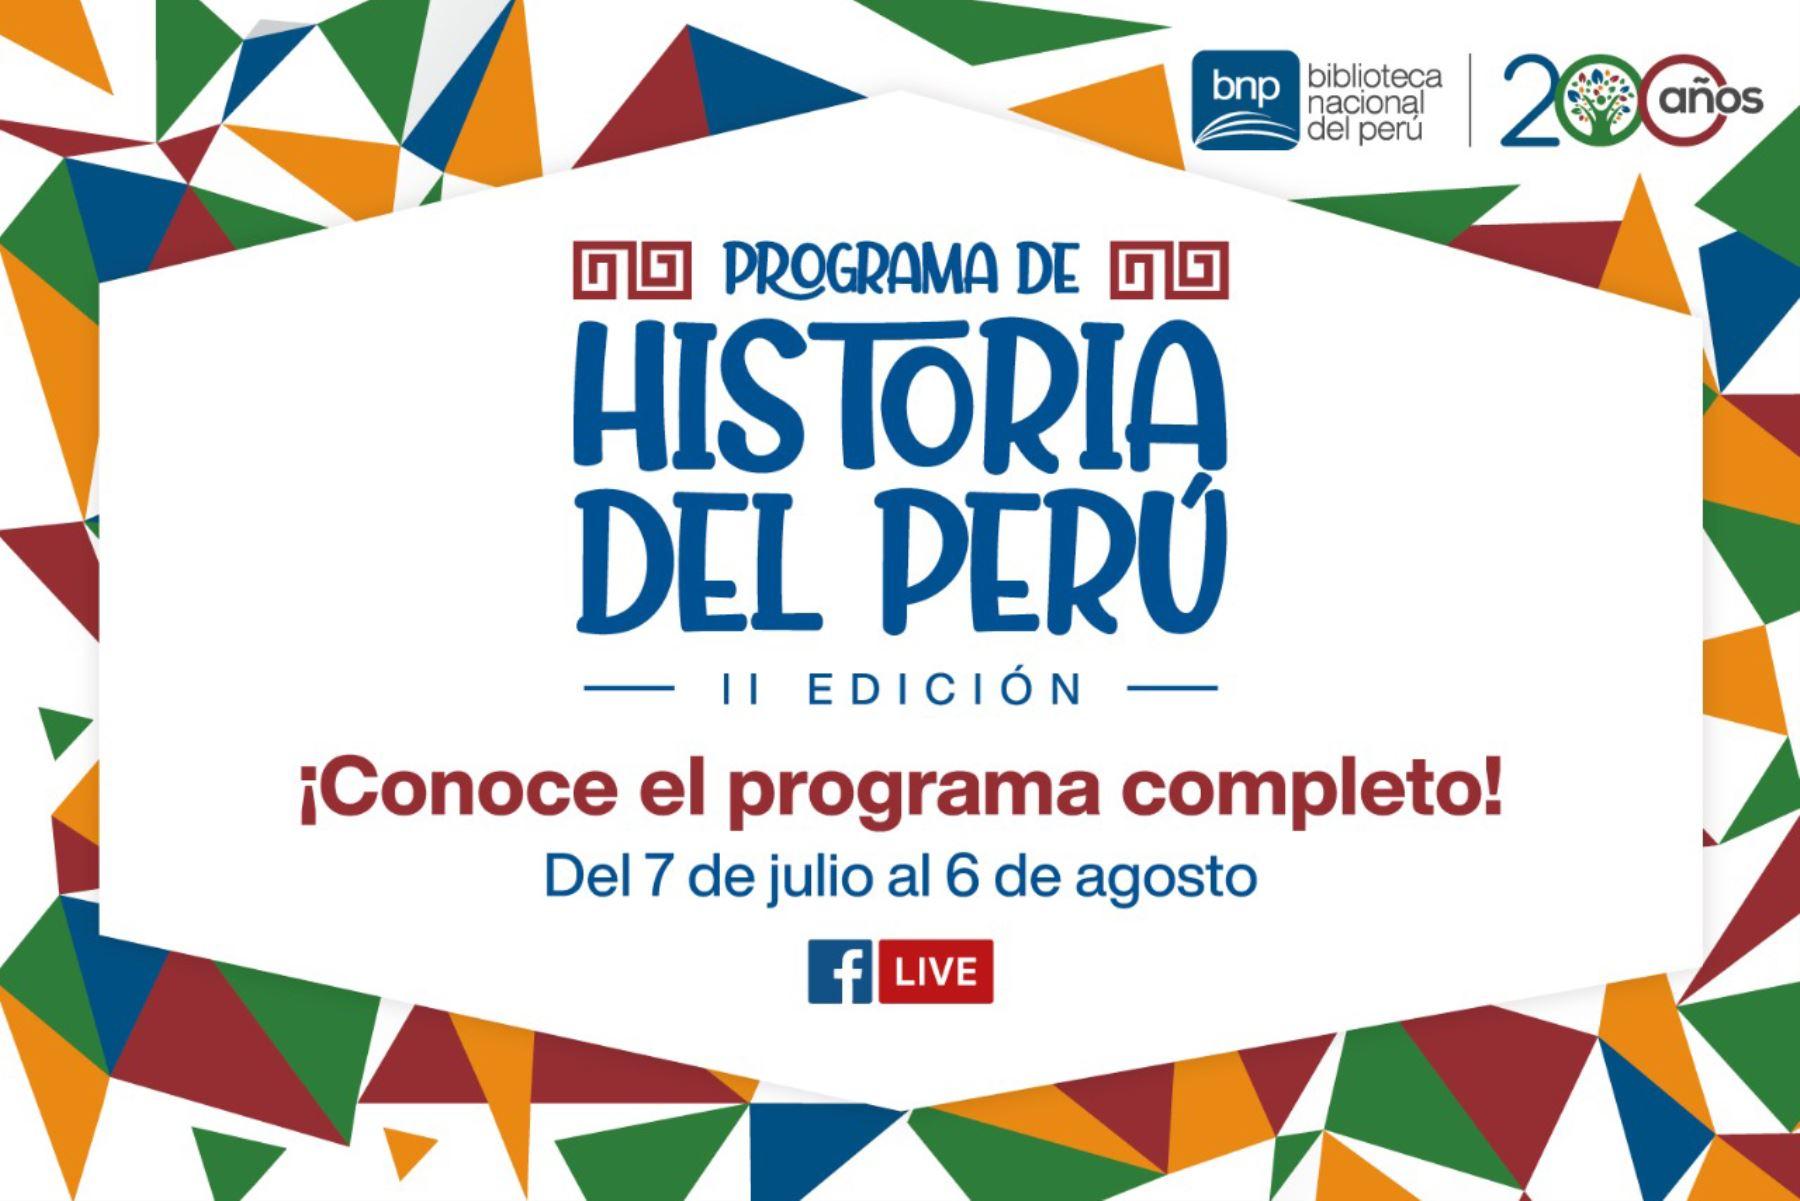 """Biblioteca Nacional del Perú anuncia la segunda edición del """"Programa de Historia"""""""